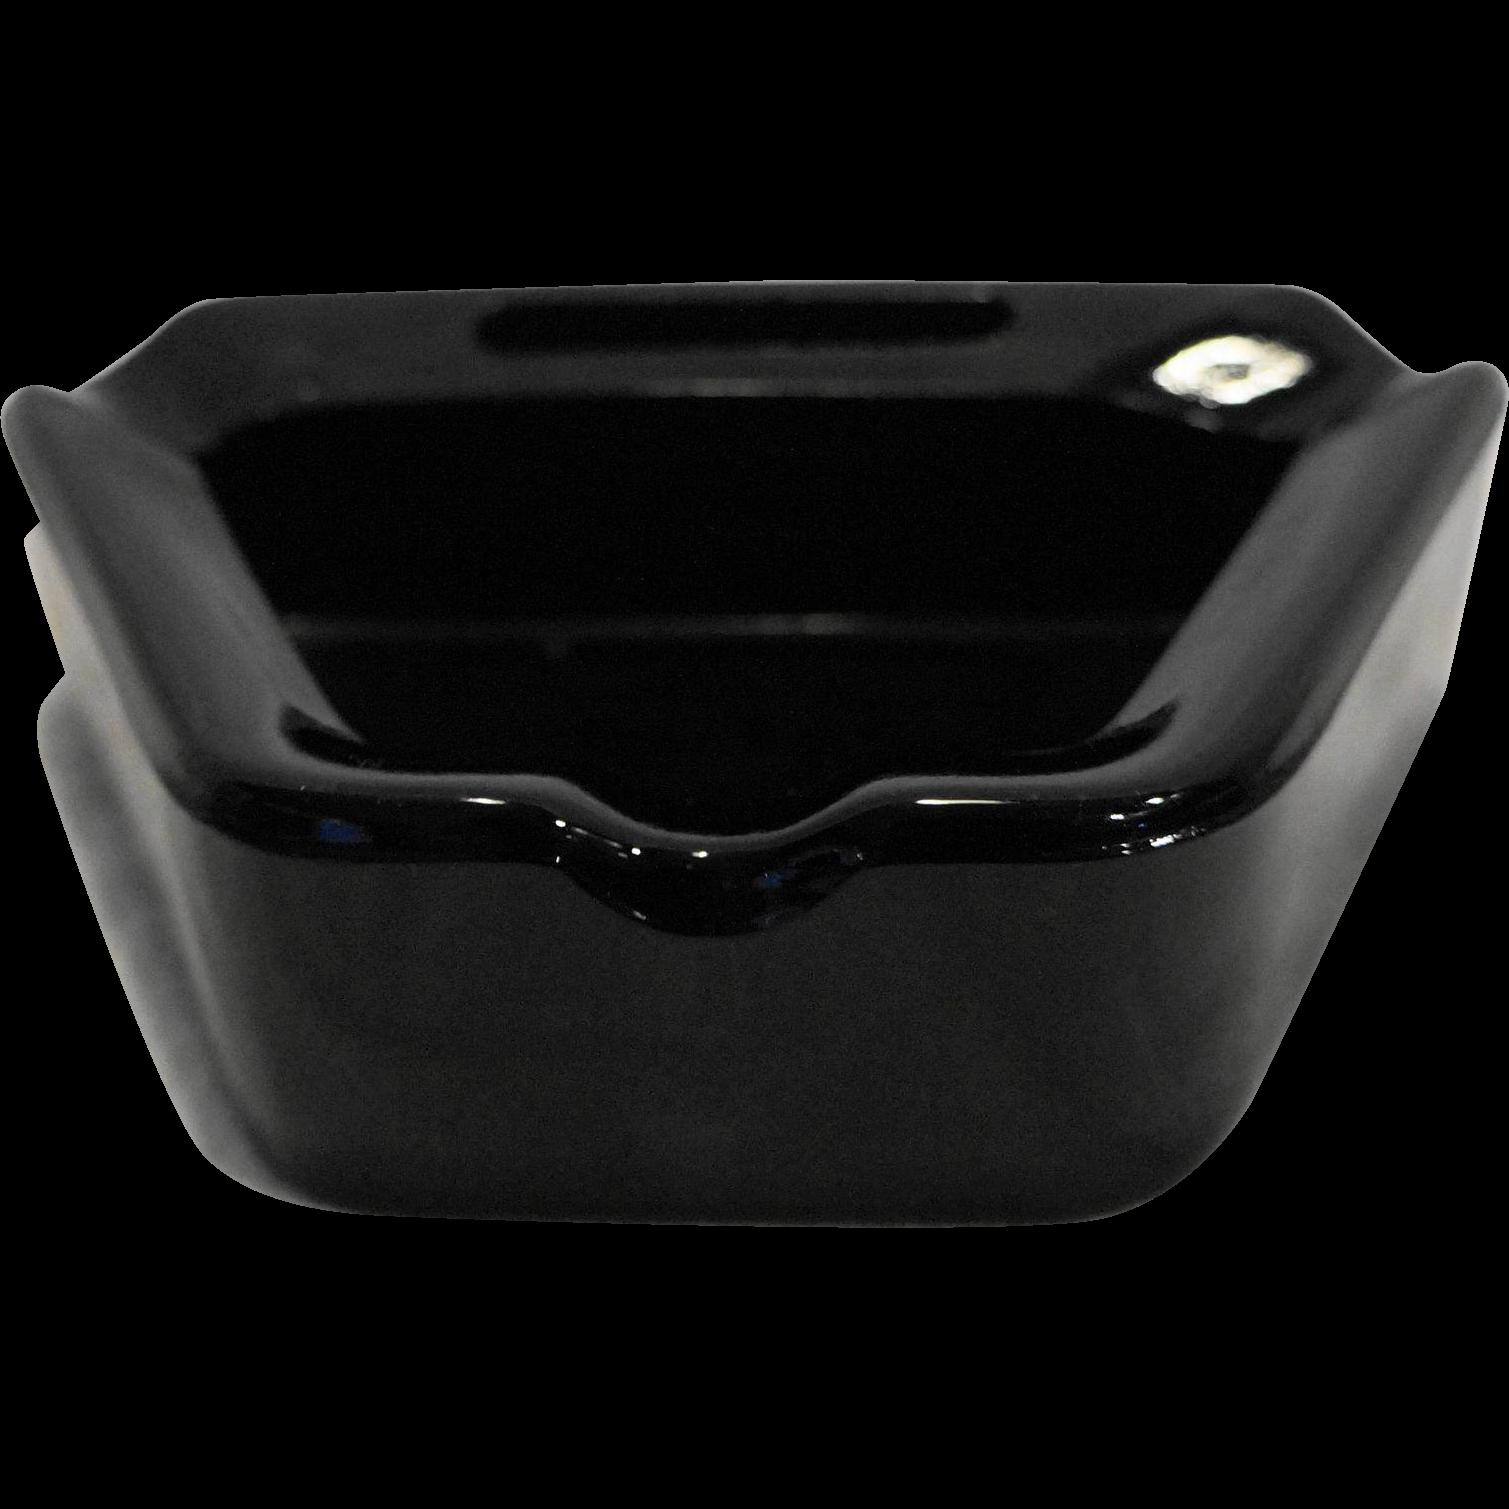 Black Glass Trapezium Shape Heavy Art Deco Ashtray Matchbook Slot